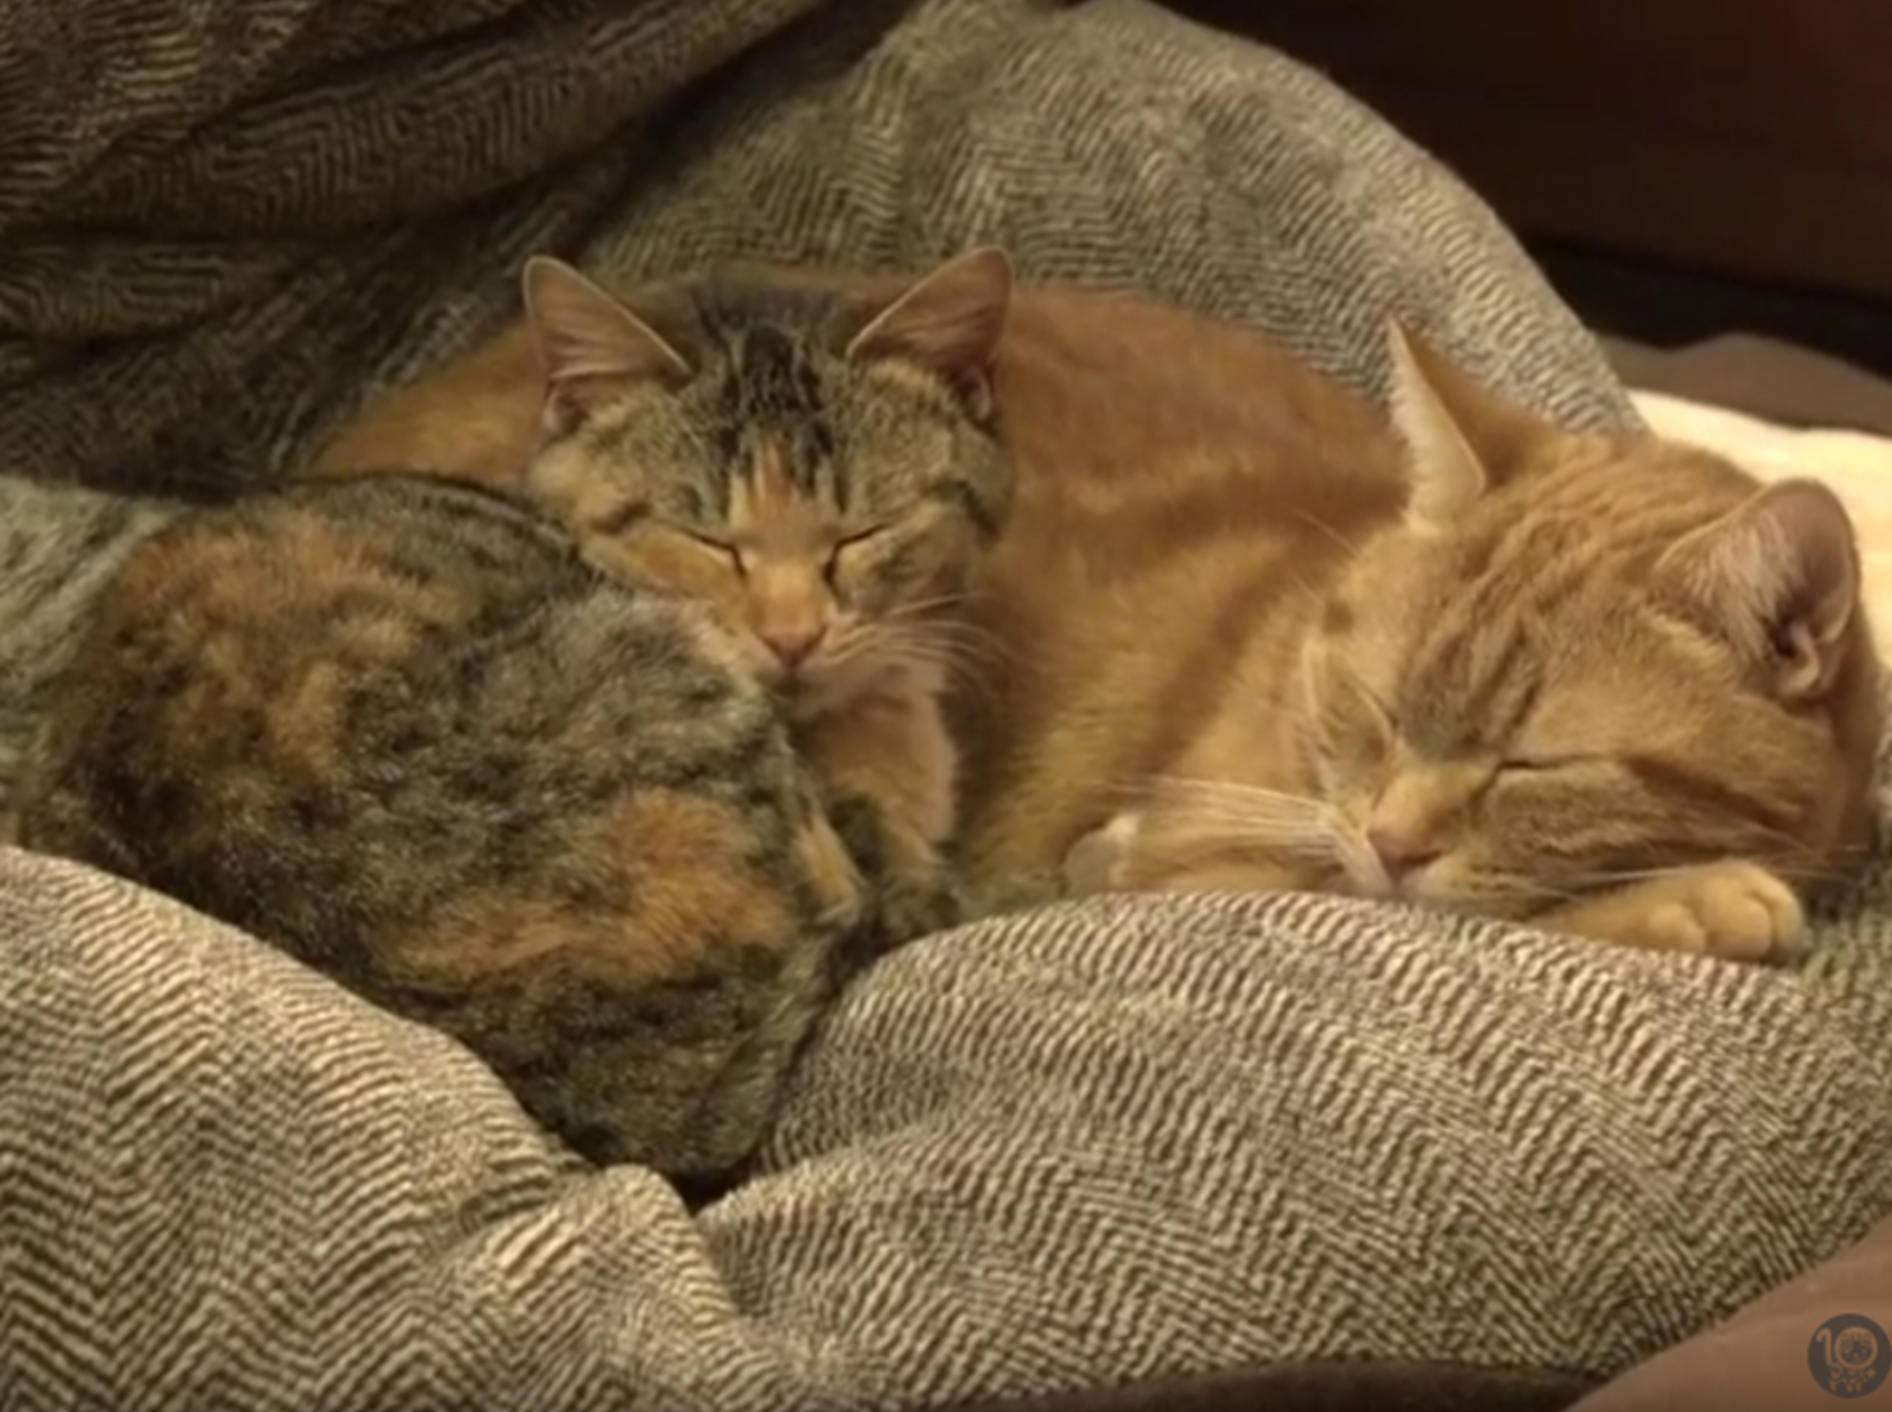 Katzen spielen Babysitter für kleines Adoptivkätzchen – YouTube / 10 Cats.